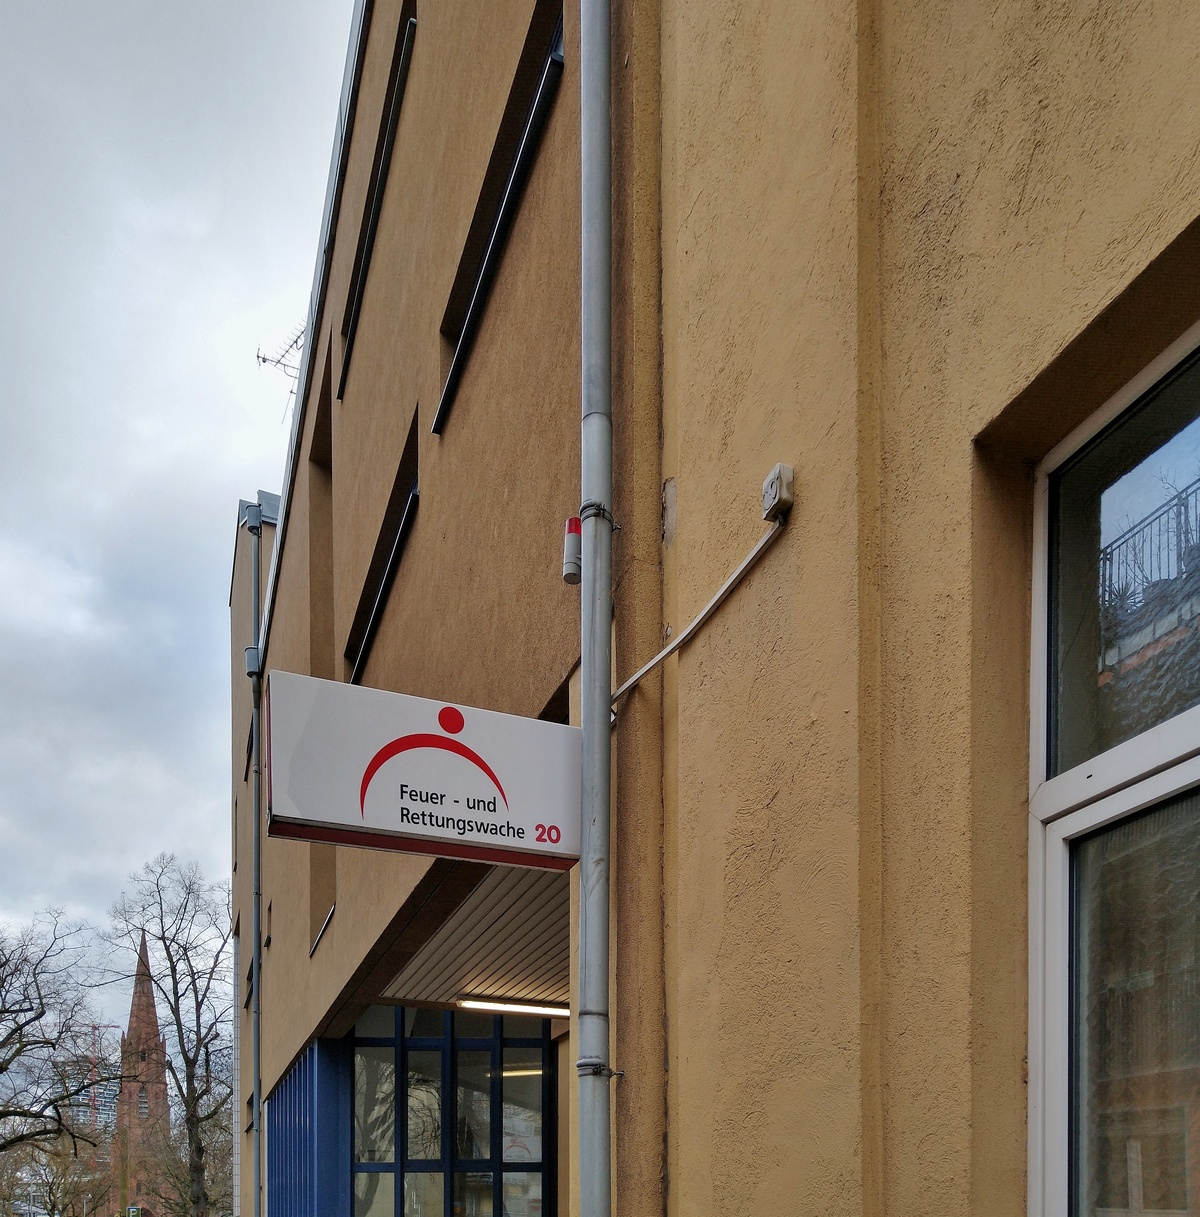 Bild: https://www.deutsches-architektur-forum.de/pics/schmittchen/4204_feuerwache_kurfuerstenplatz.jpg